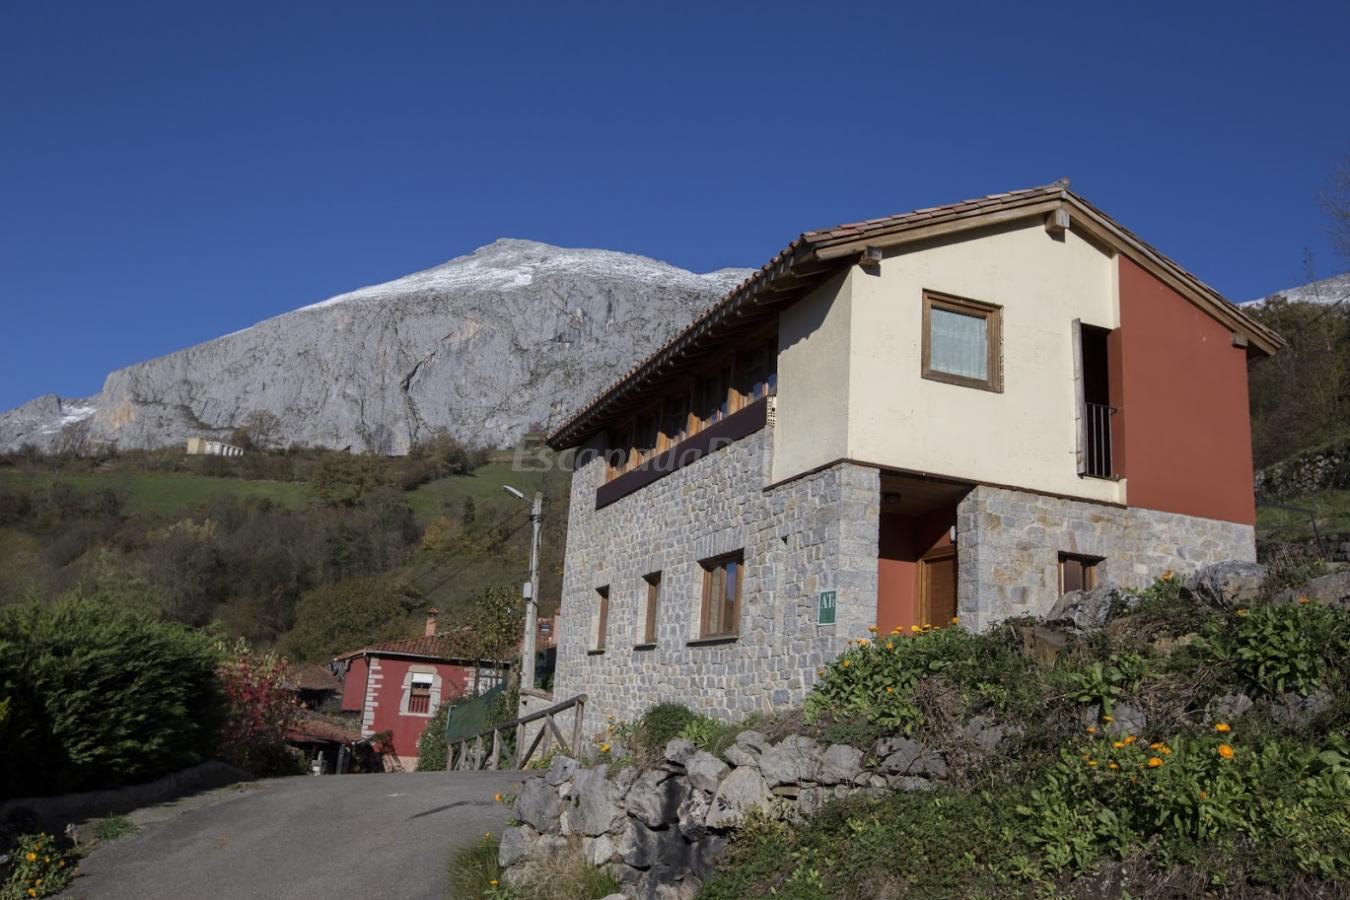 Fotos de apartamentos asturias casa de campo em teverga asturias - Casa de campo asturias ...